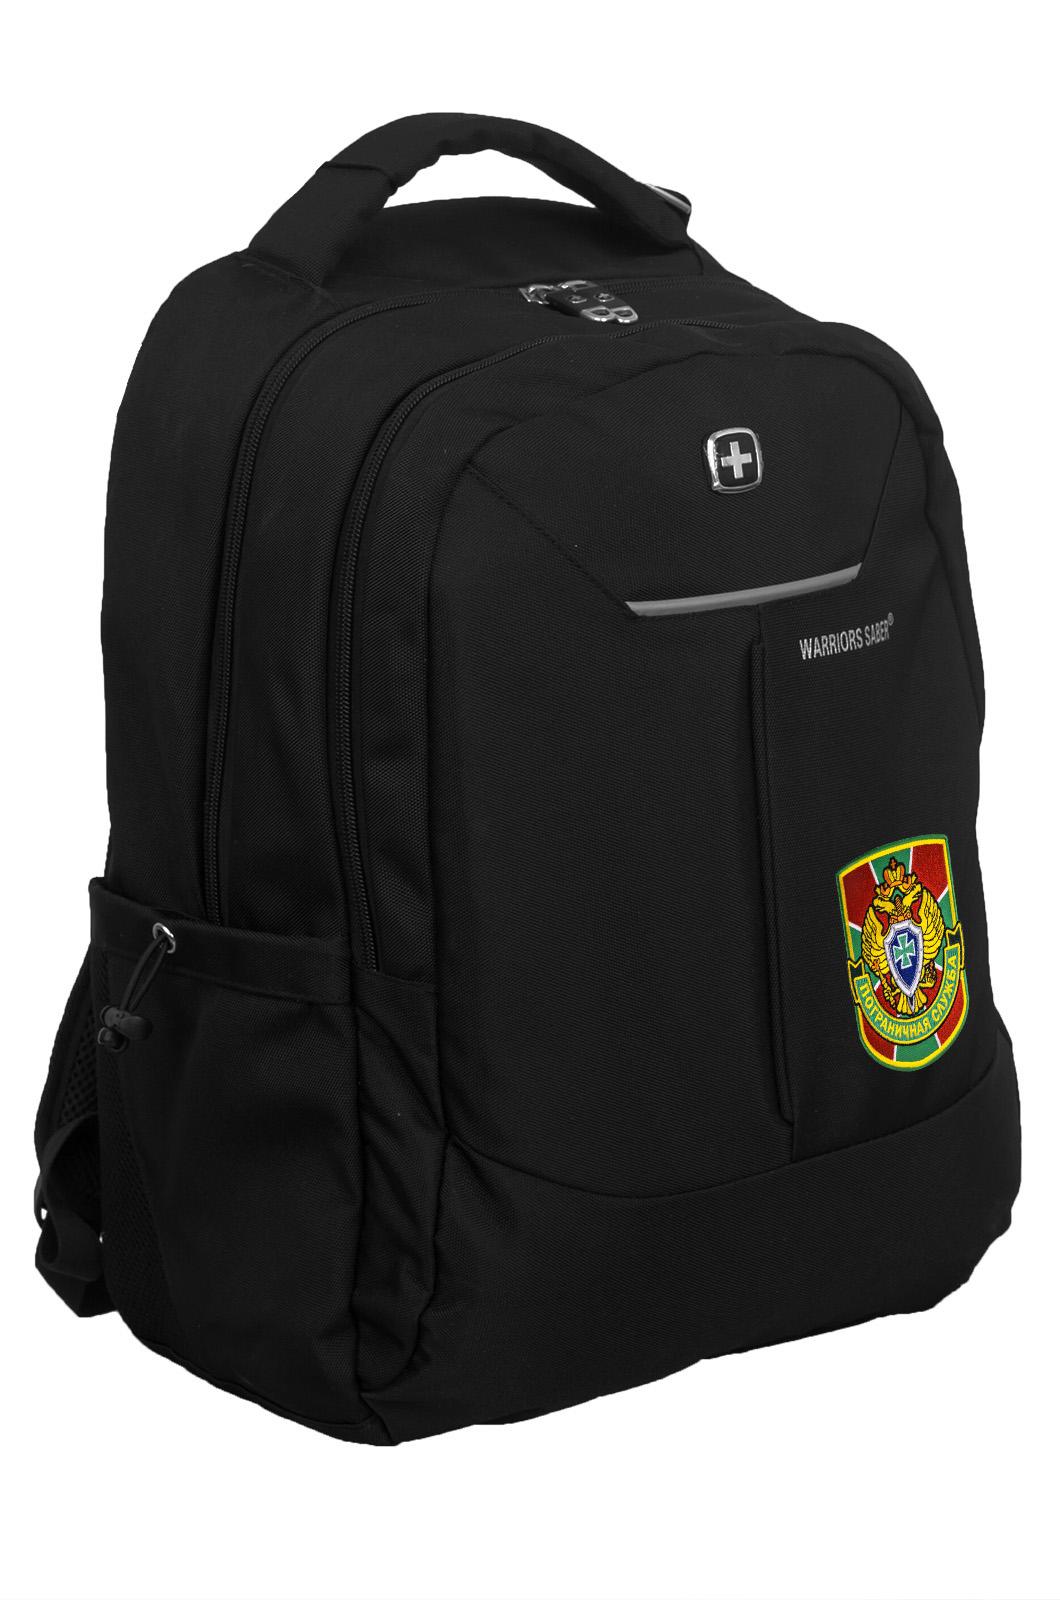 Купить черный мужской рюкзак с нашивкой Погранслужбы по выгодной цене